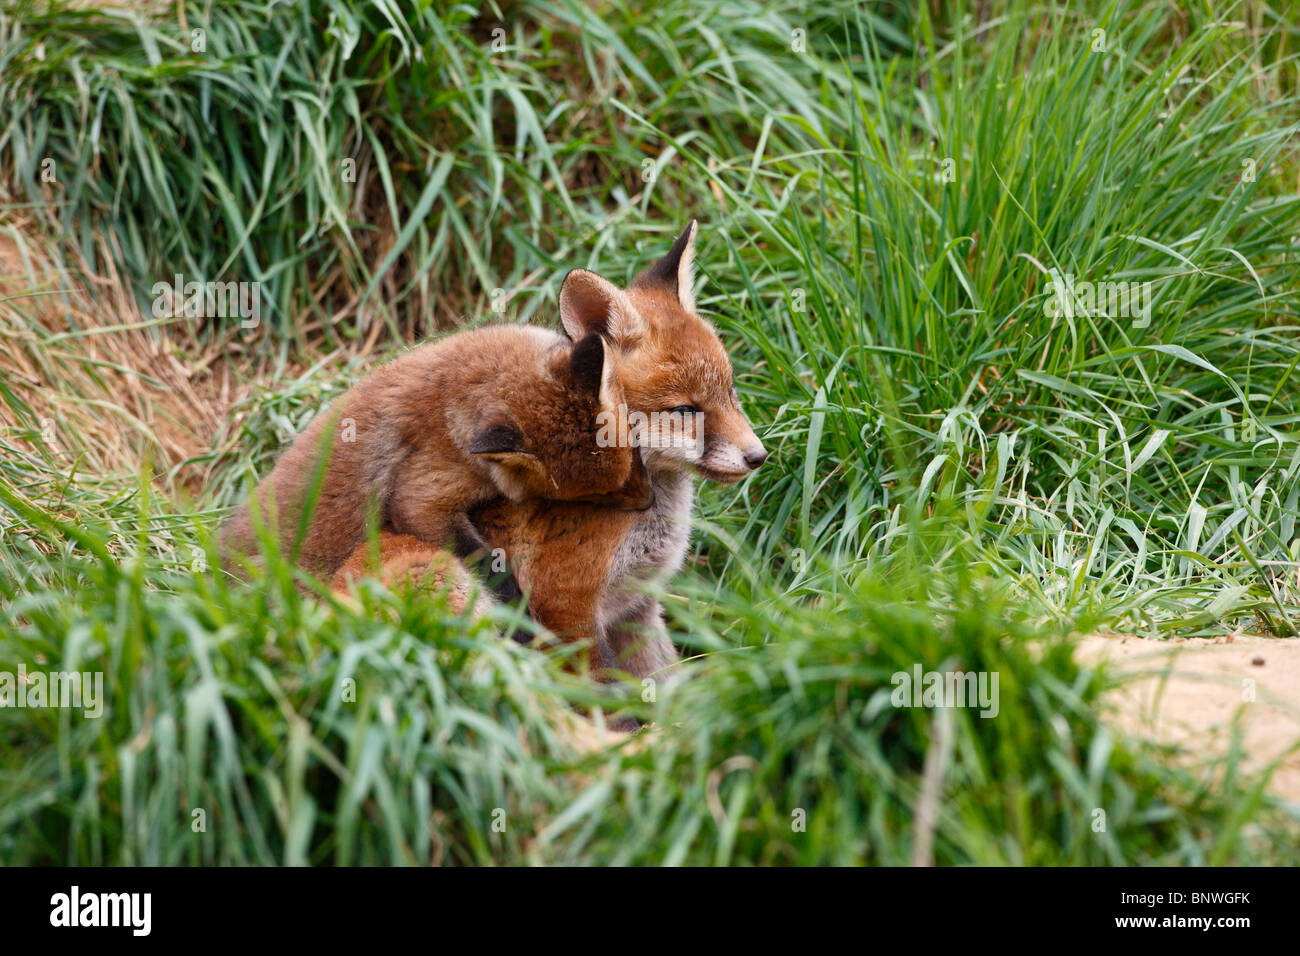 Le renard roux (Vulpes vulpes) Oursons jouant près de la terre Banque D'Images